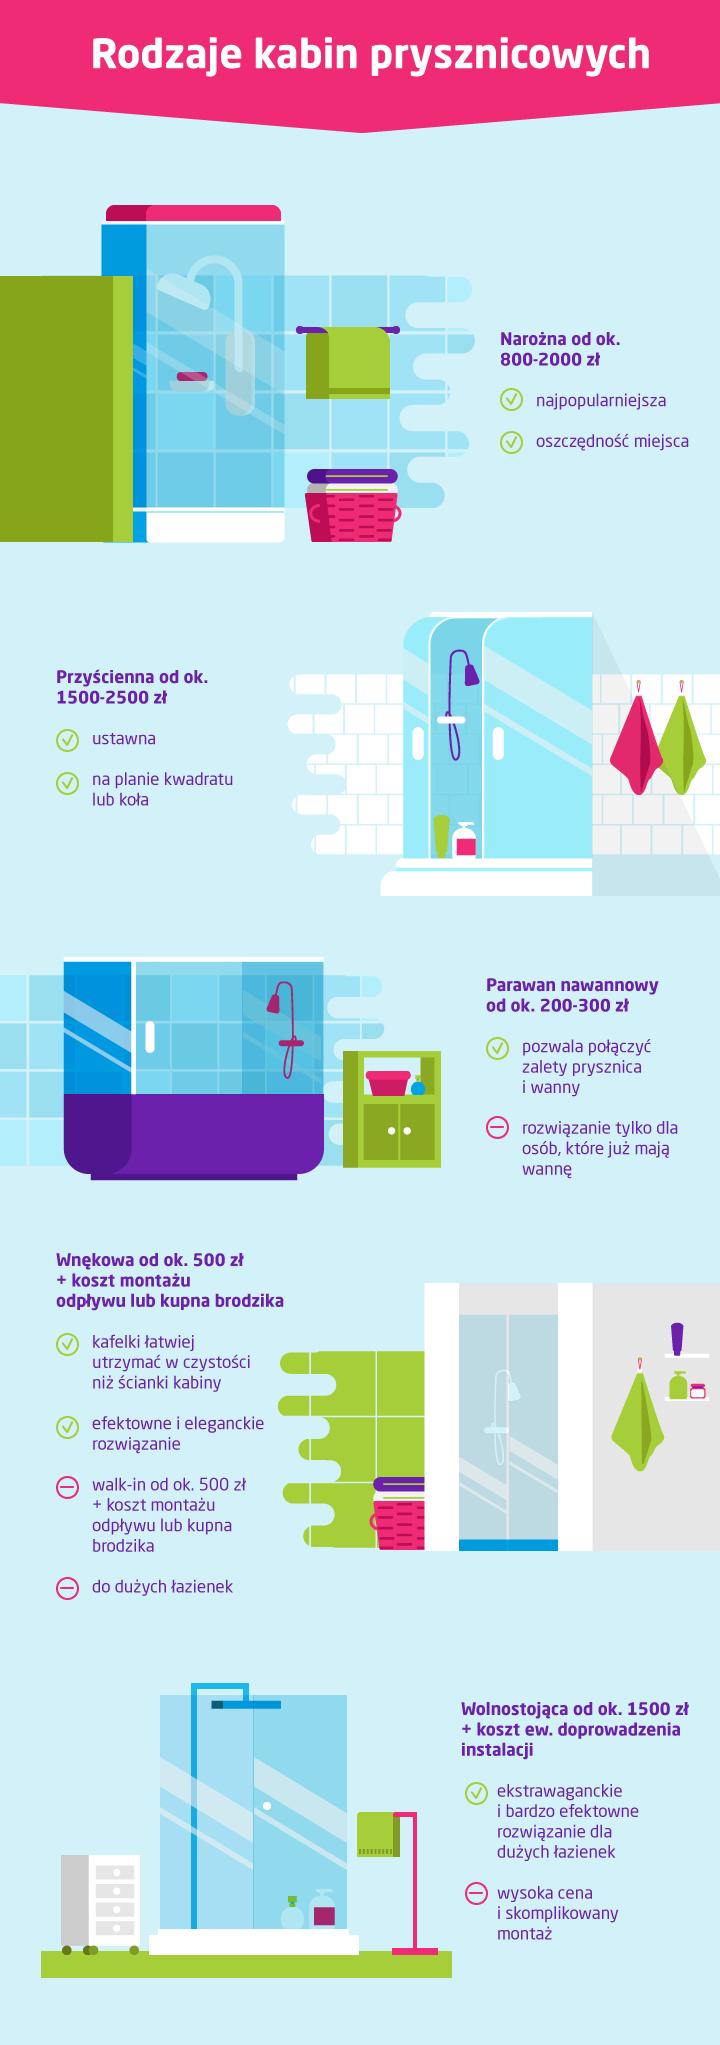 Rodzaje kabin prysznicowych - infografika